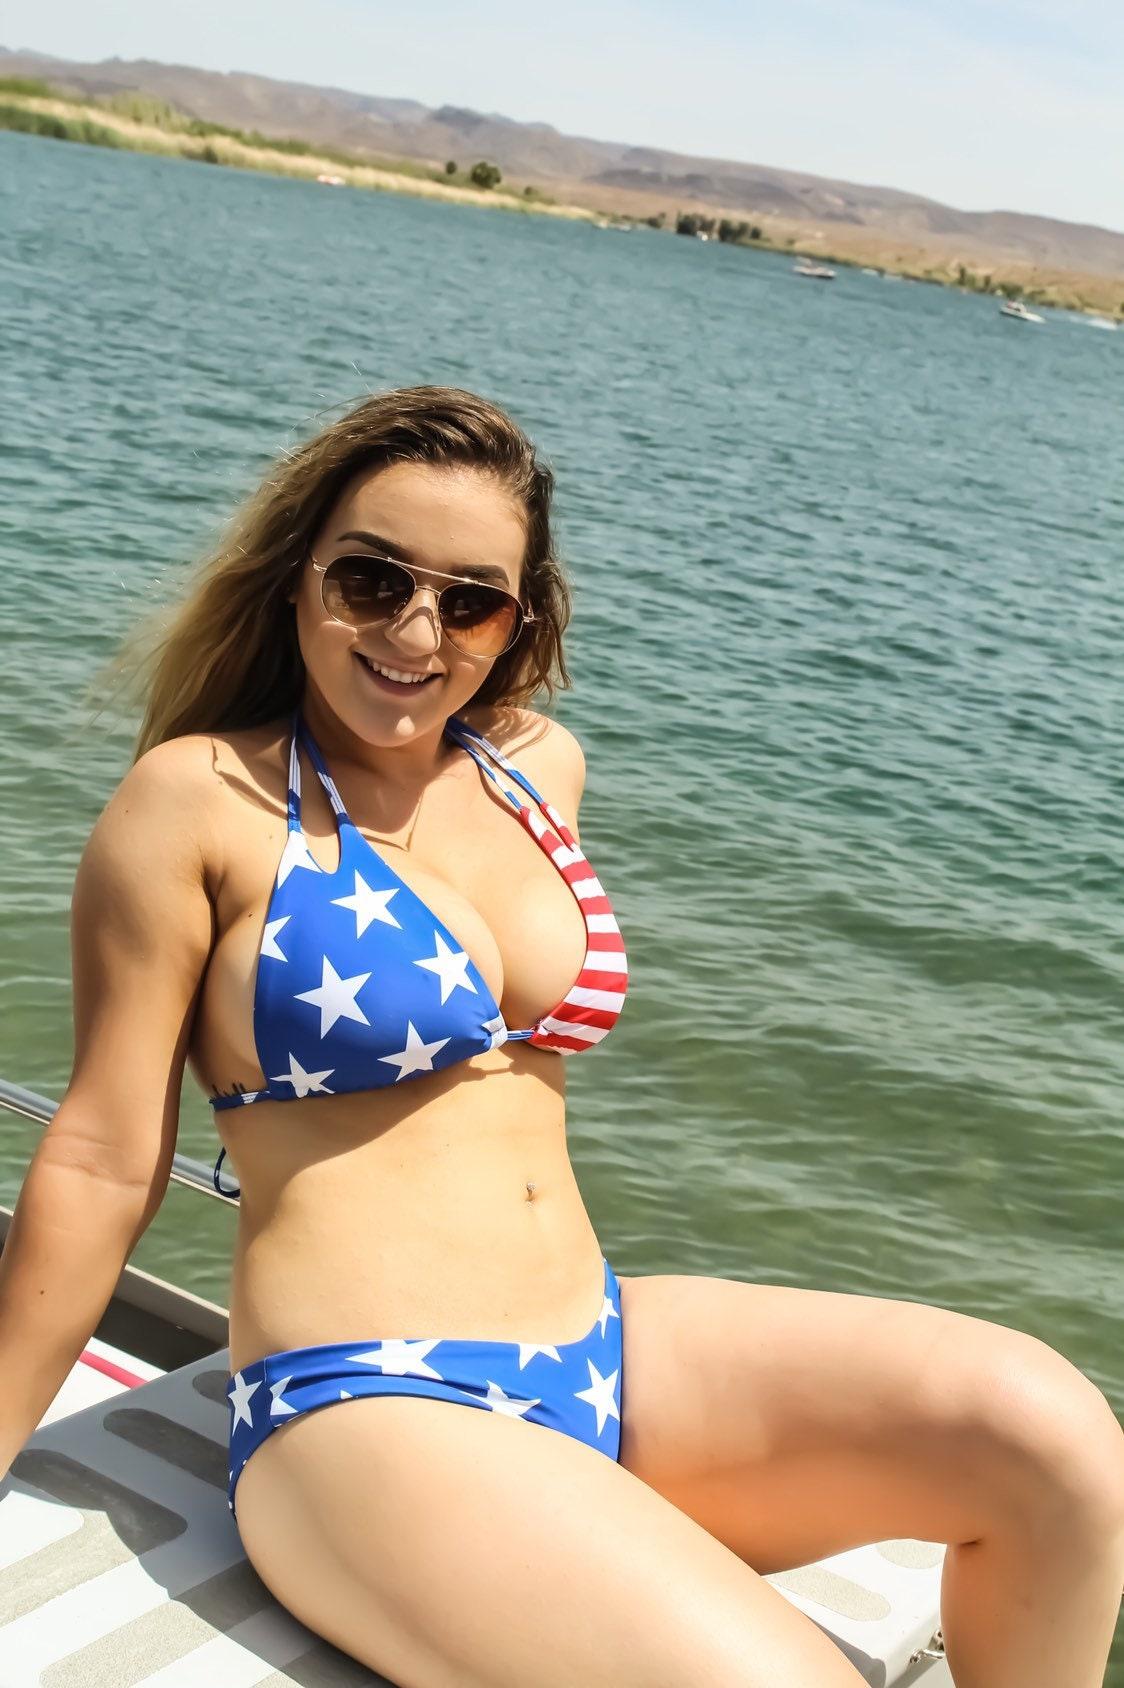 White brunette porn star